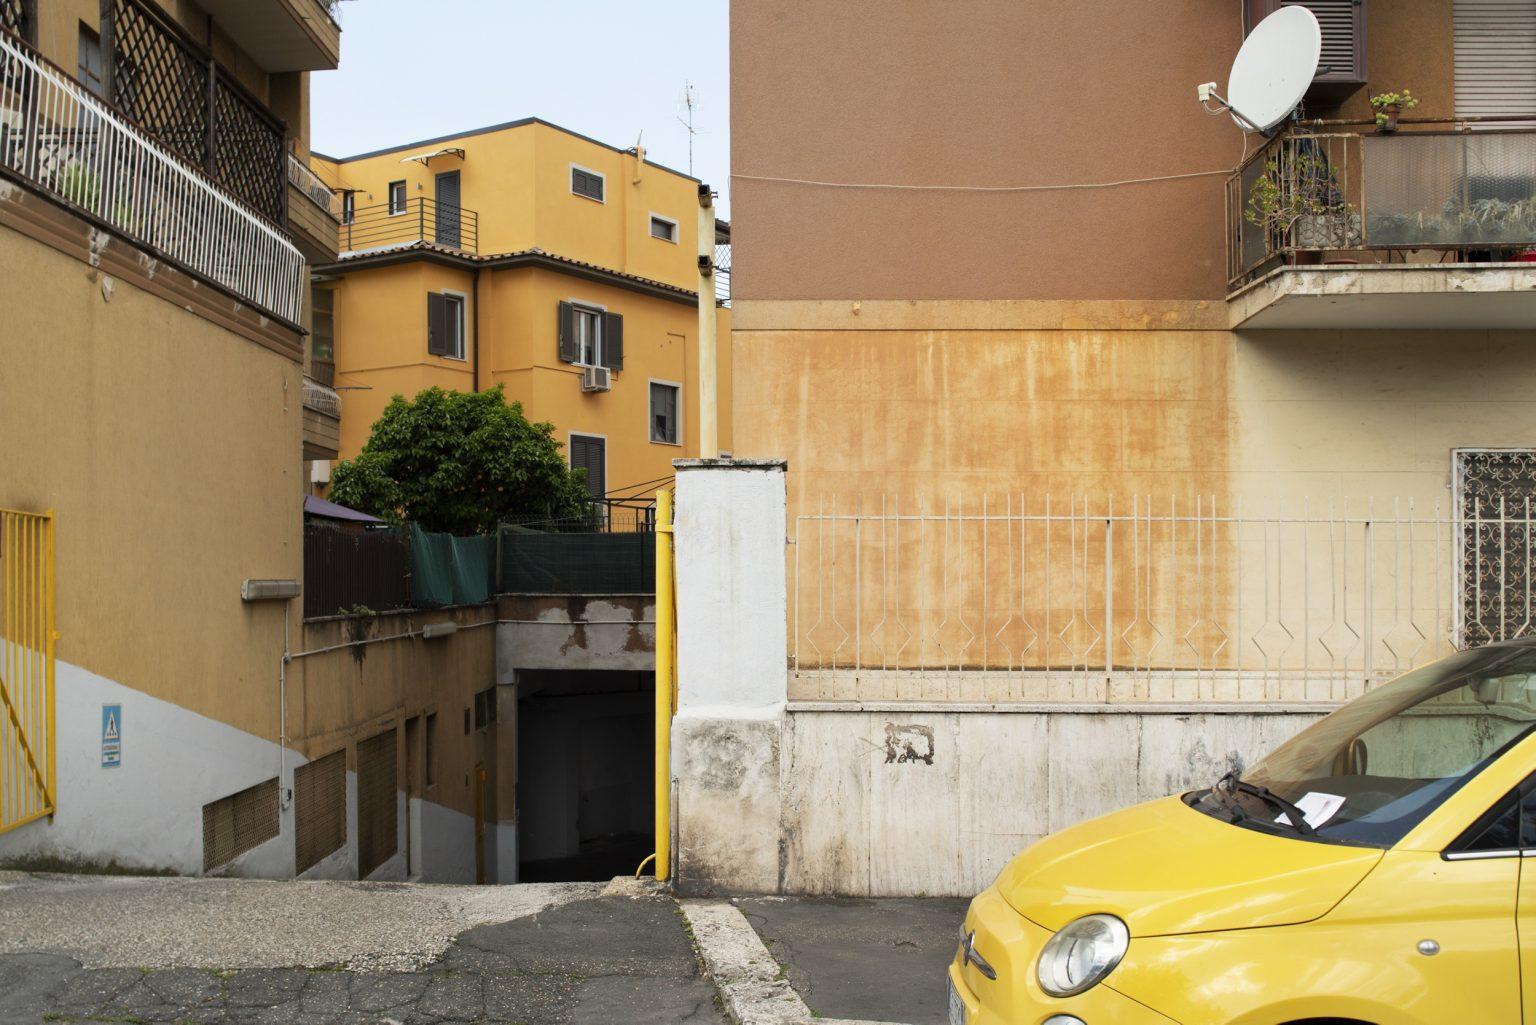 Rome, May 2017 - Piazza dei Giureconsulti. Boccea district. >< Roma, maggio 2017 - Piazza dei Giureconsulti. Quartiere Boccea.